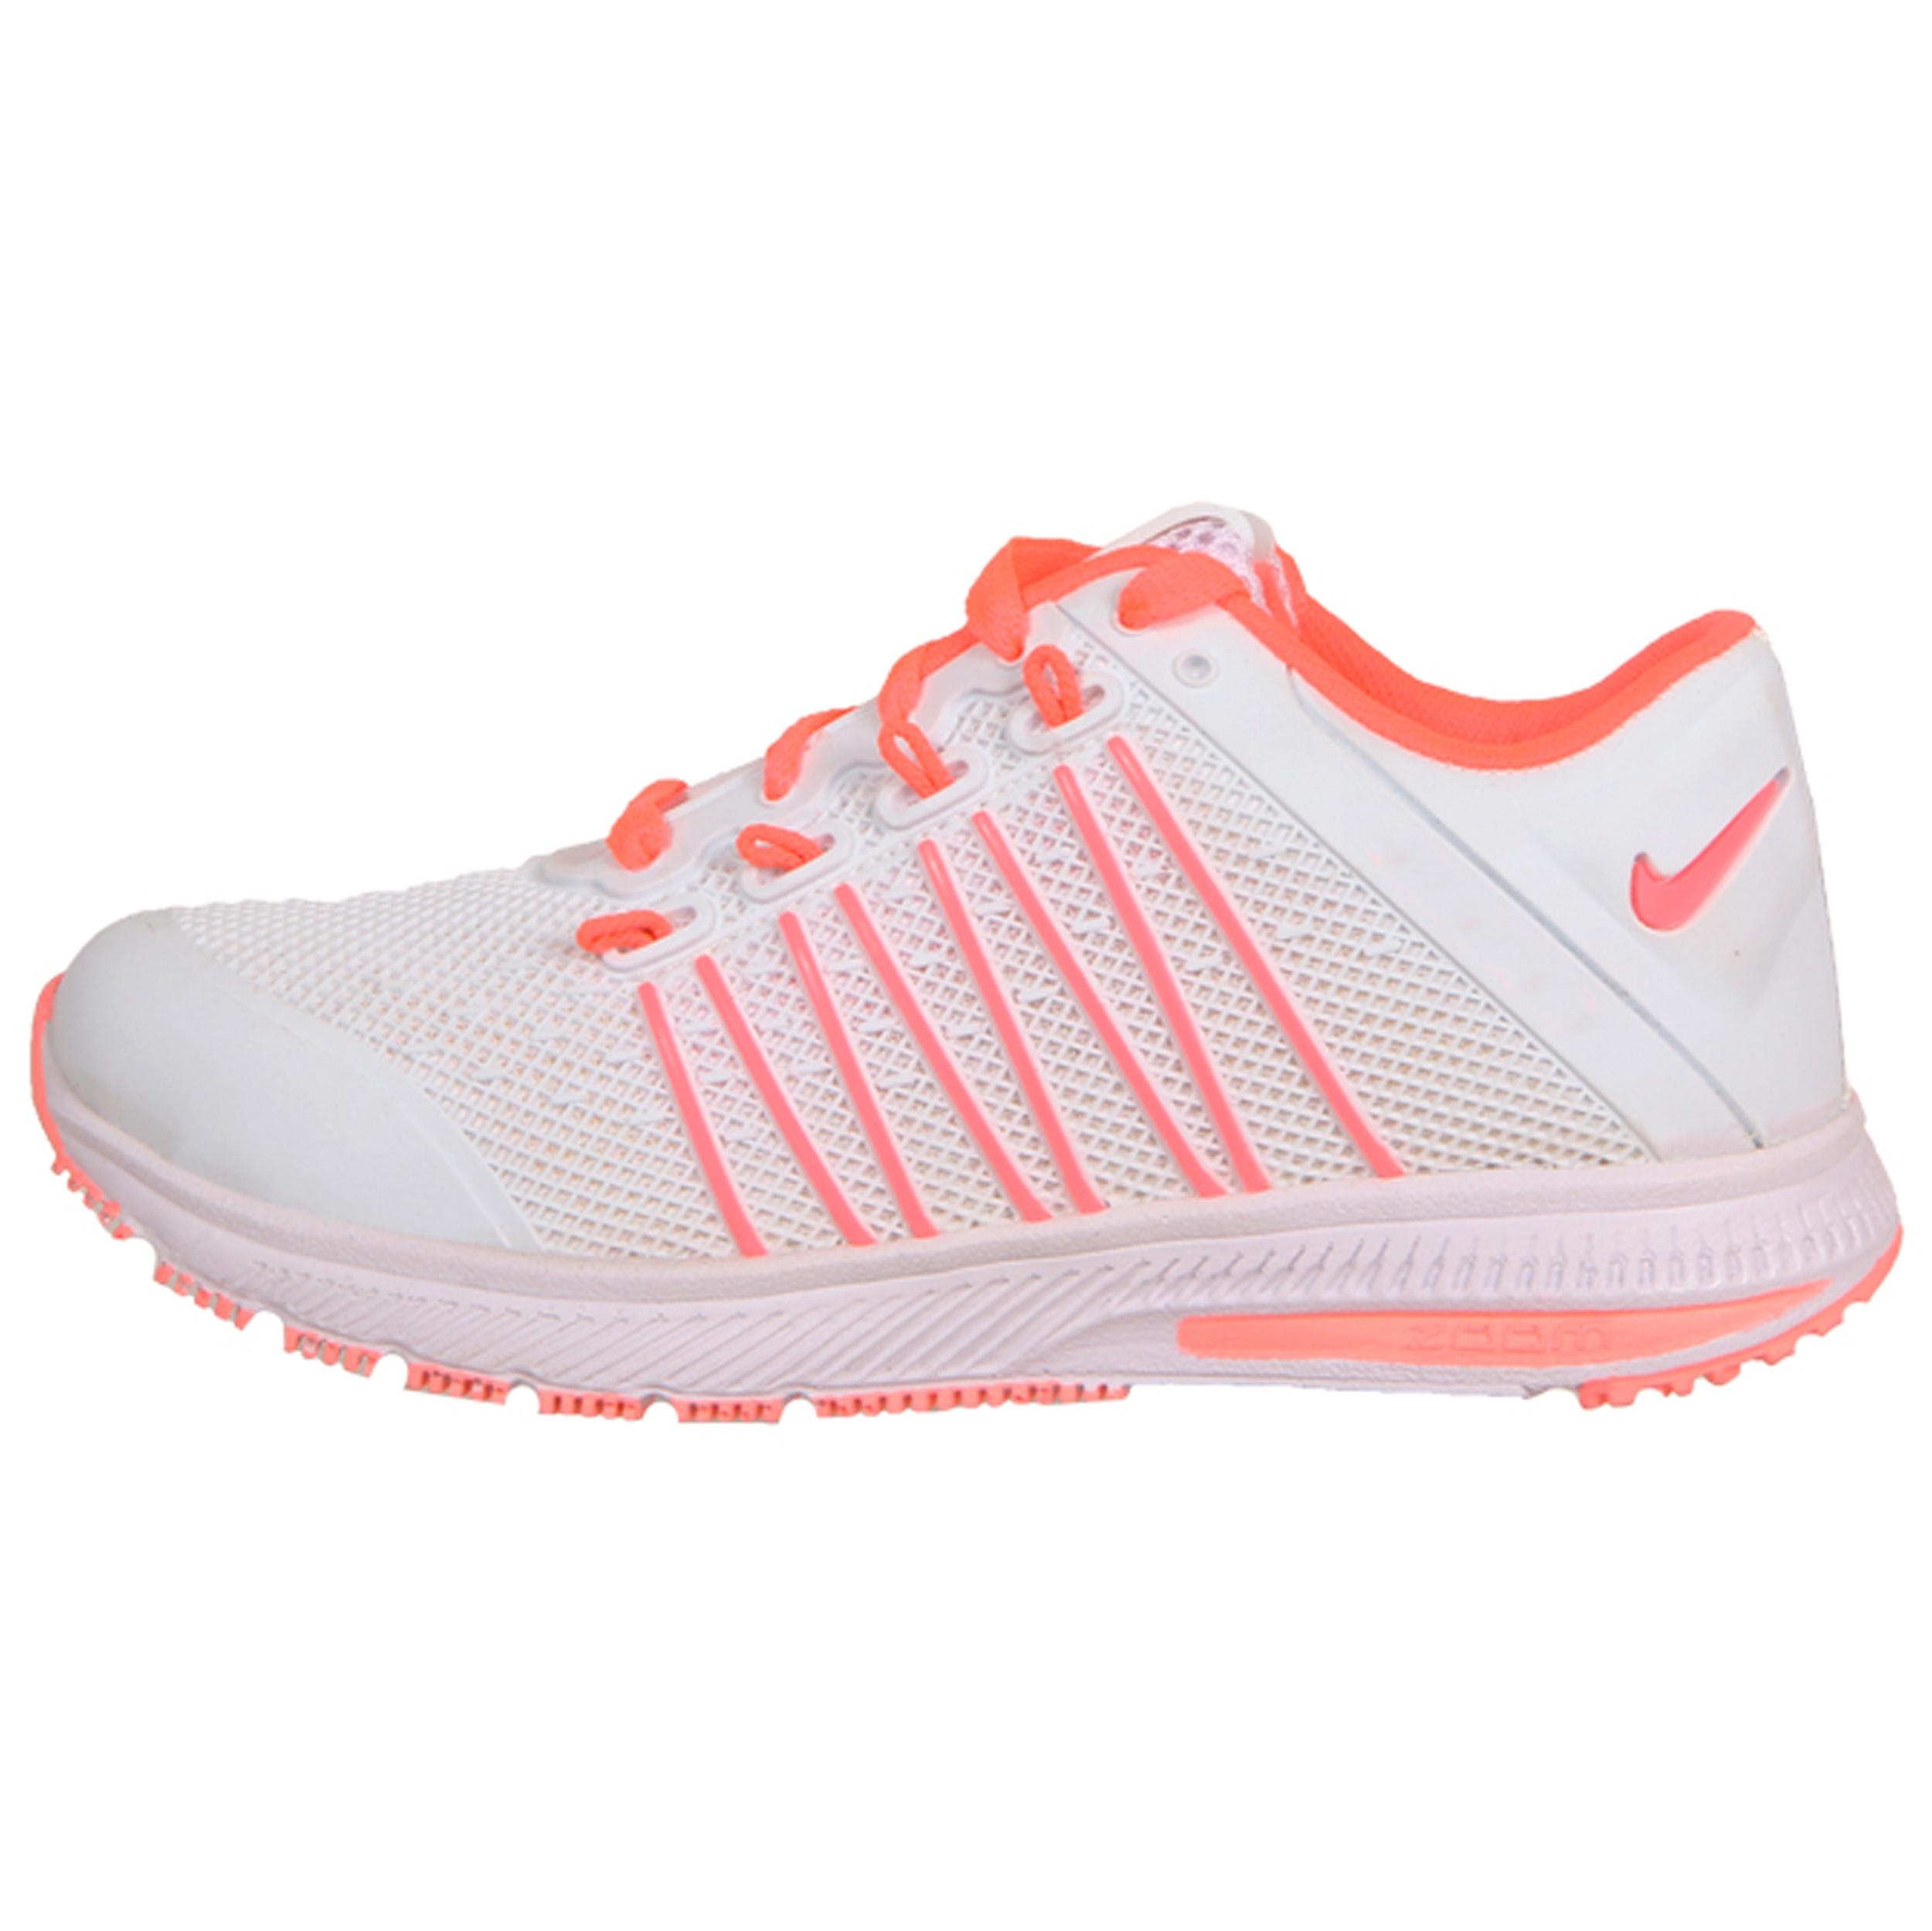 کفش مخصوص پیاده روی زنانه کد 96-2396140